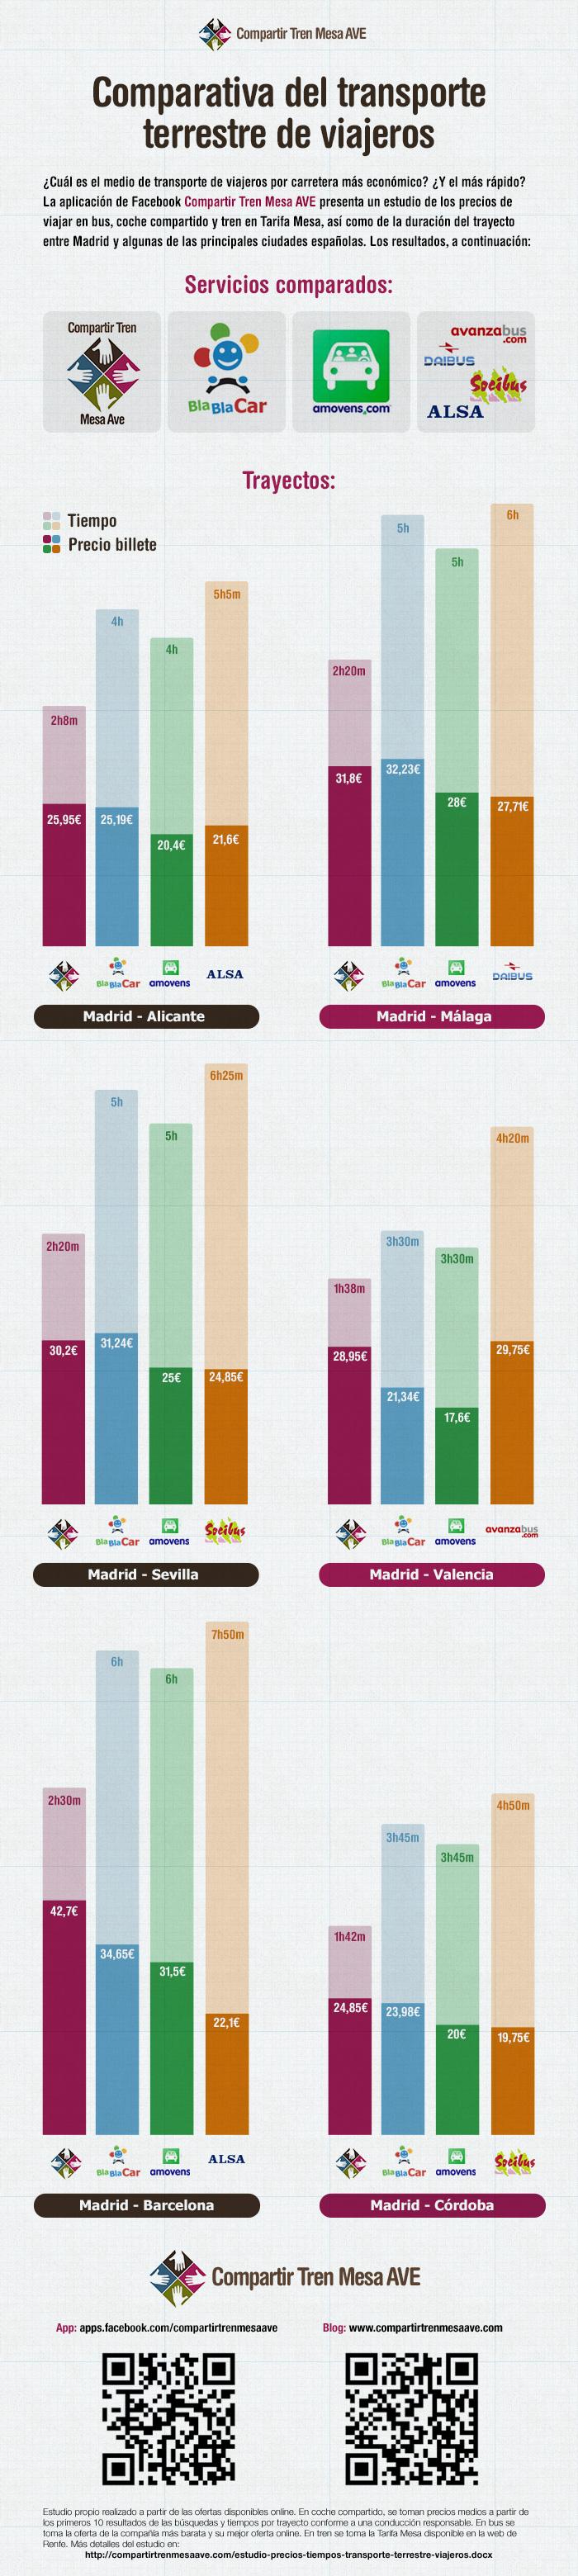 Infografía Comparativa del transporte terrestre de viajeros